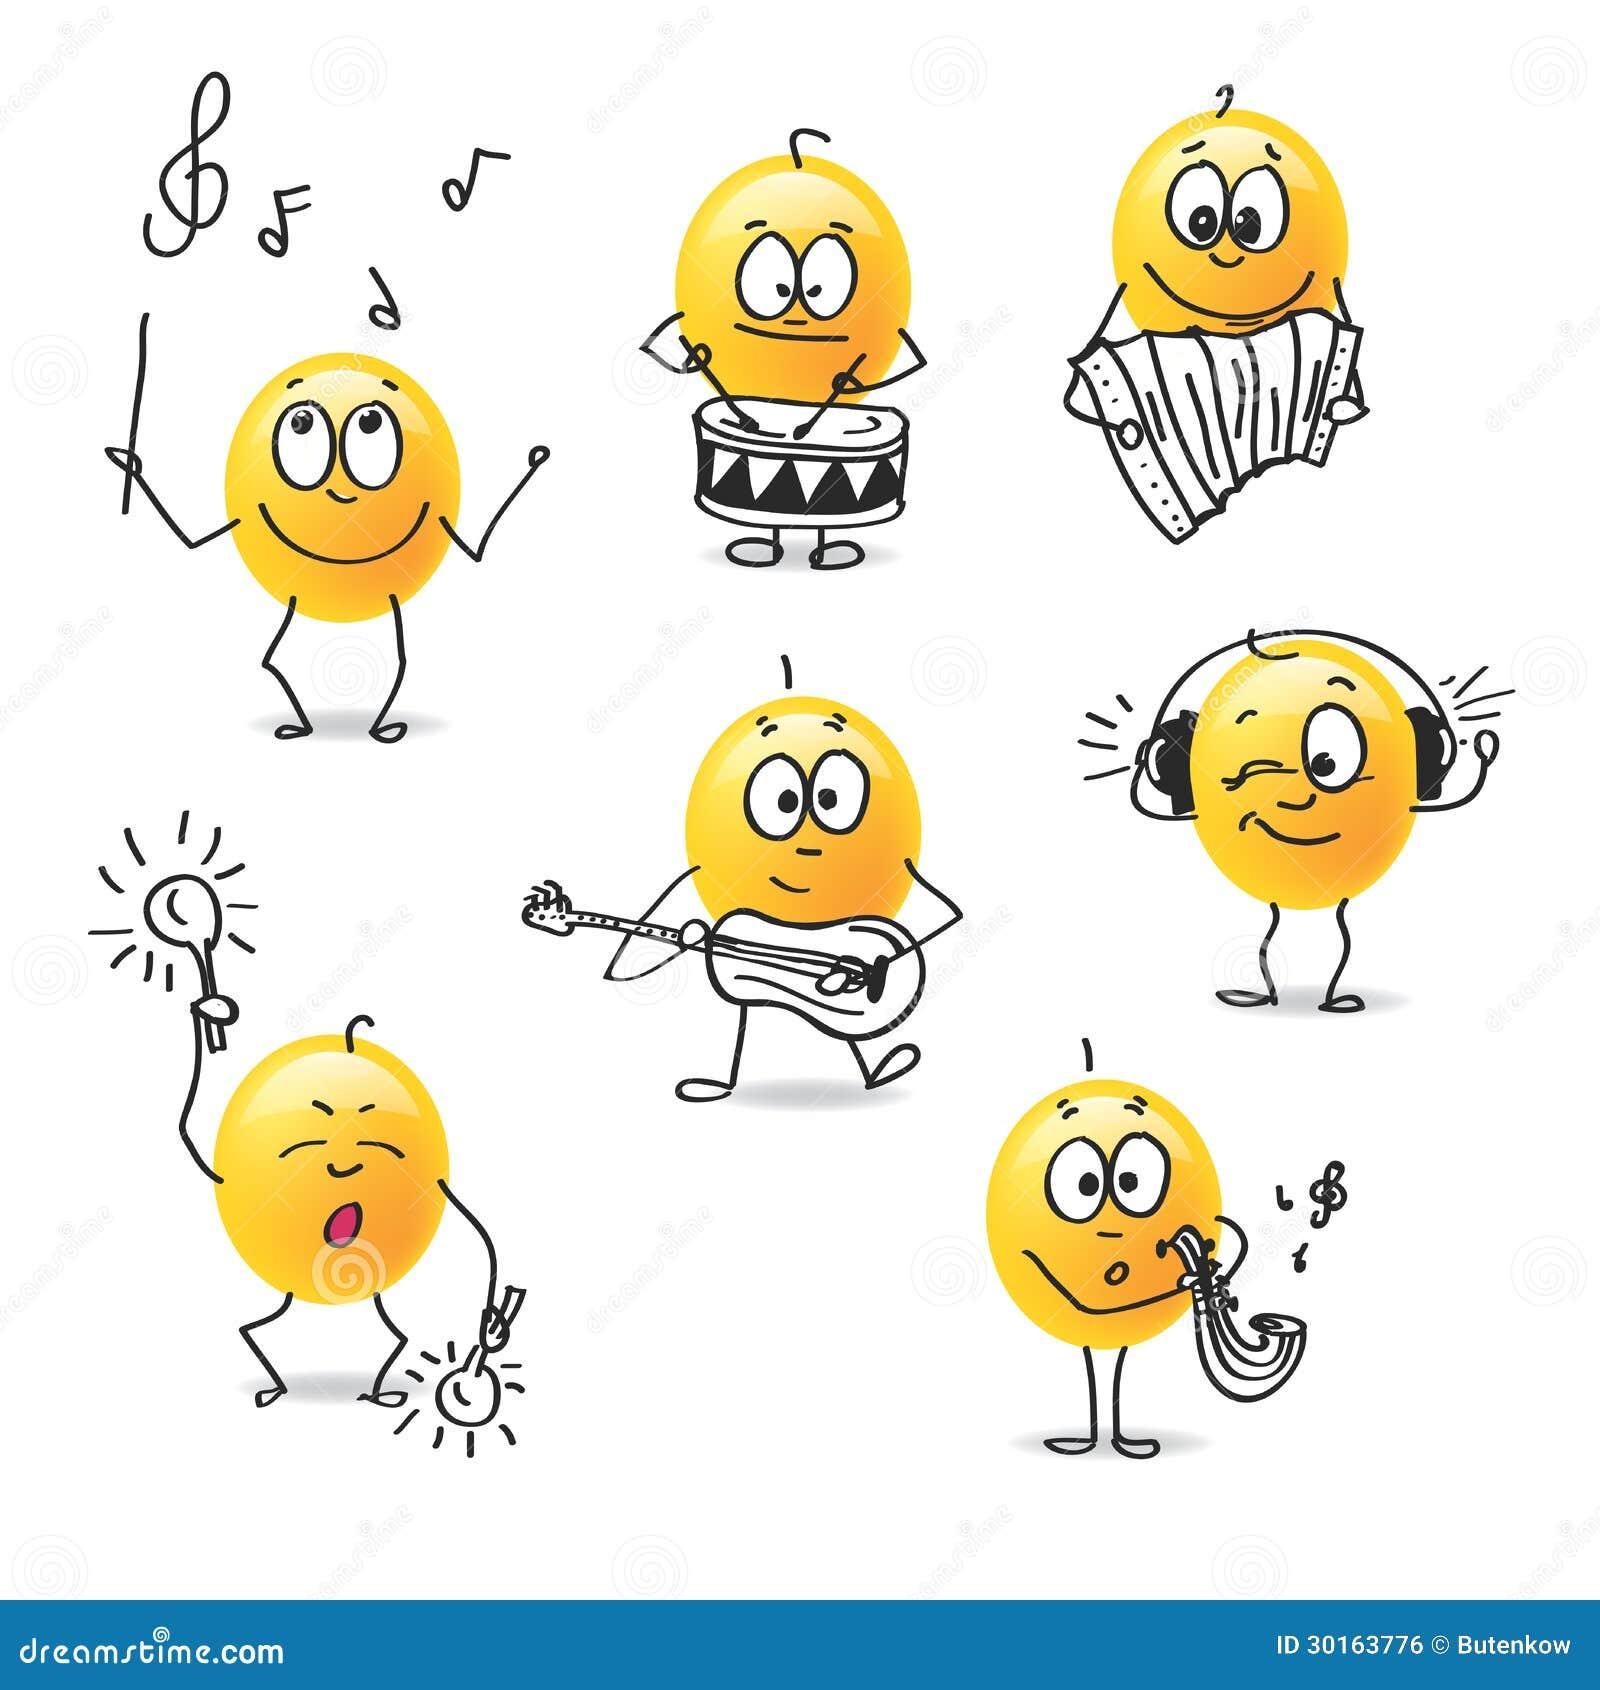 De Musique Smiley Stock Illustrations Vecteurs Clipart 1 347 Stock Illustrations